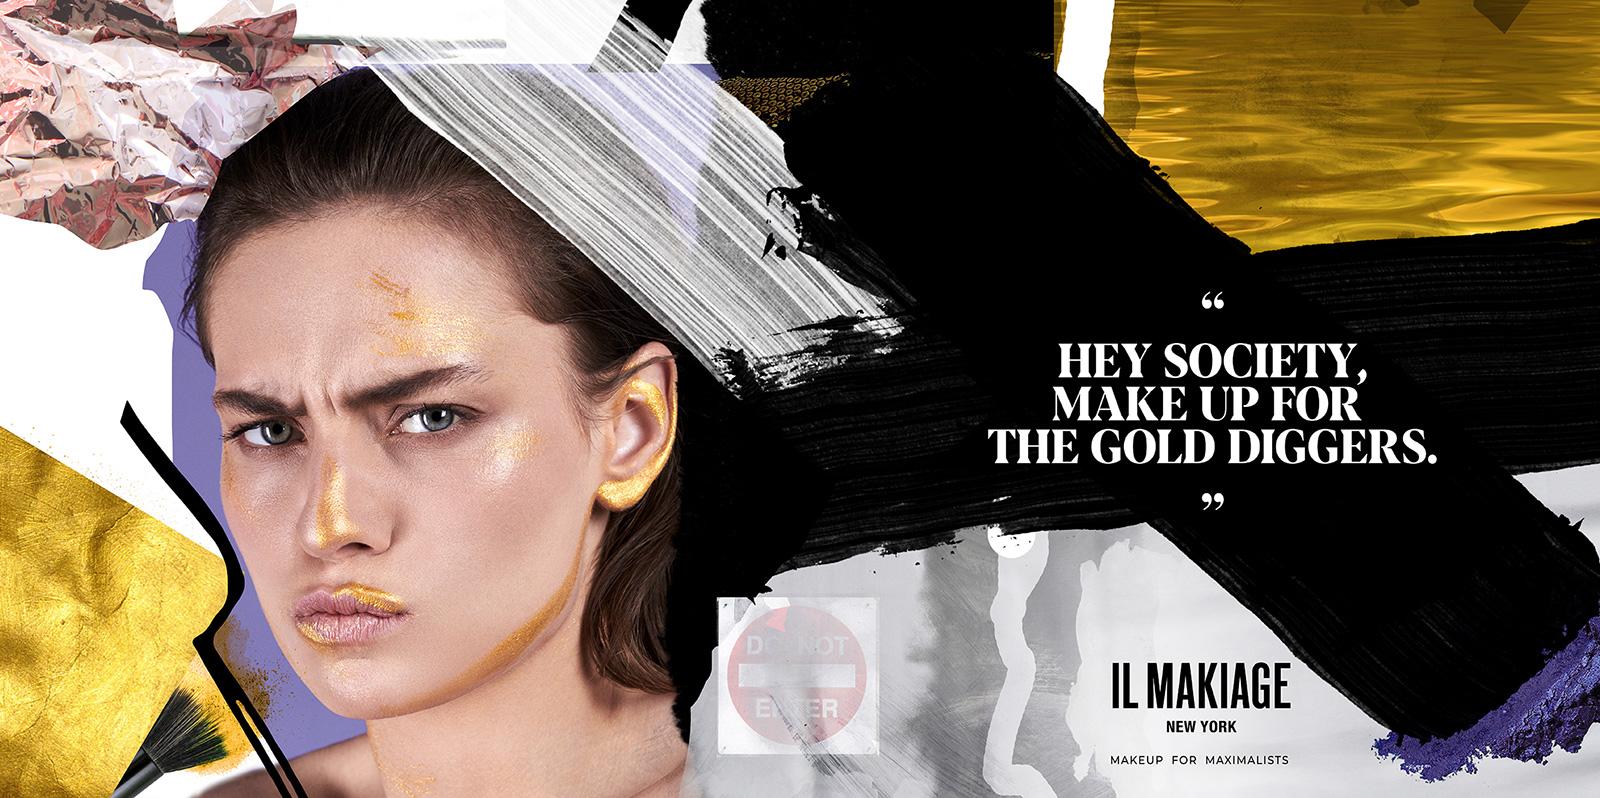 IL_MAKIAGE_MakeUpForTheLabels-RefImage-01